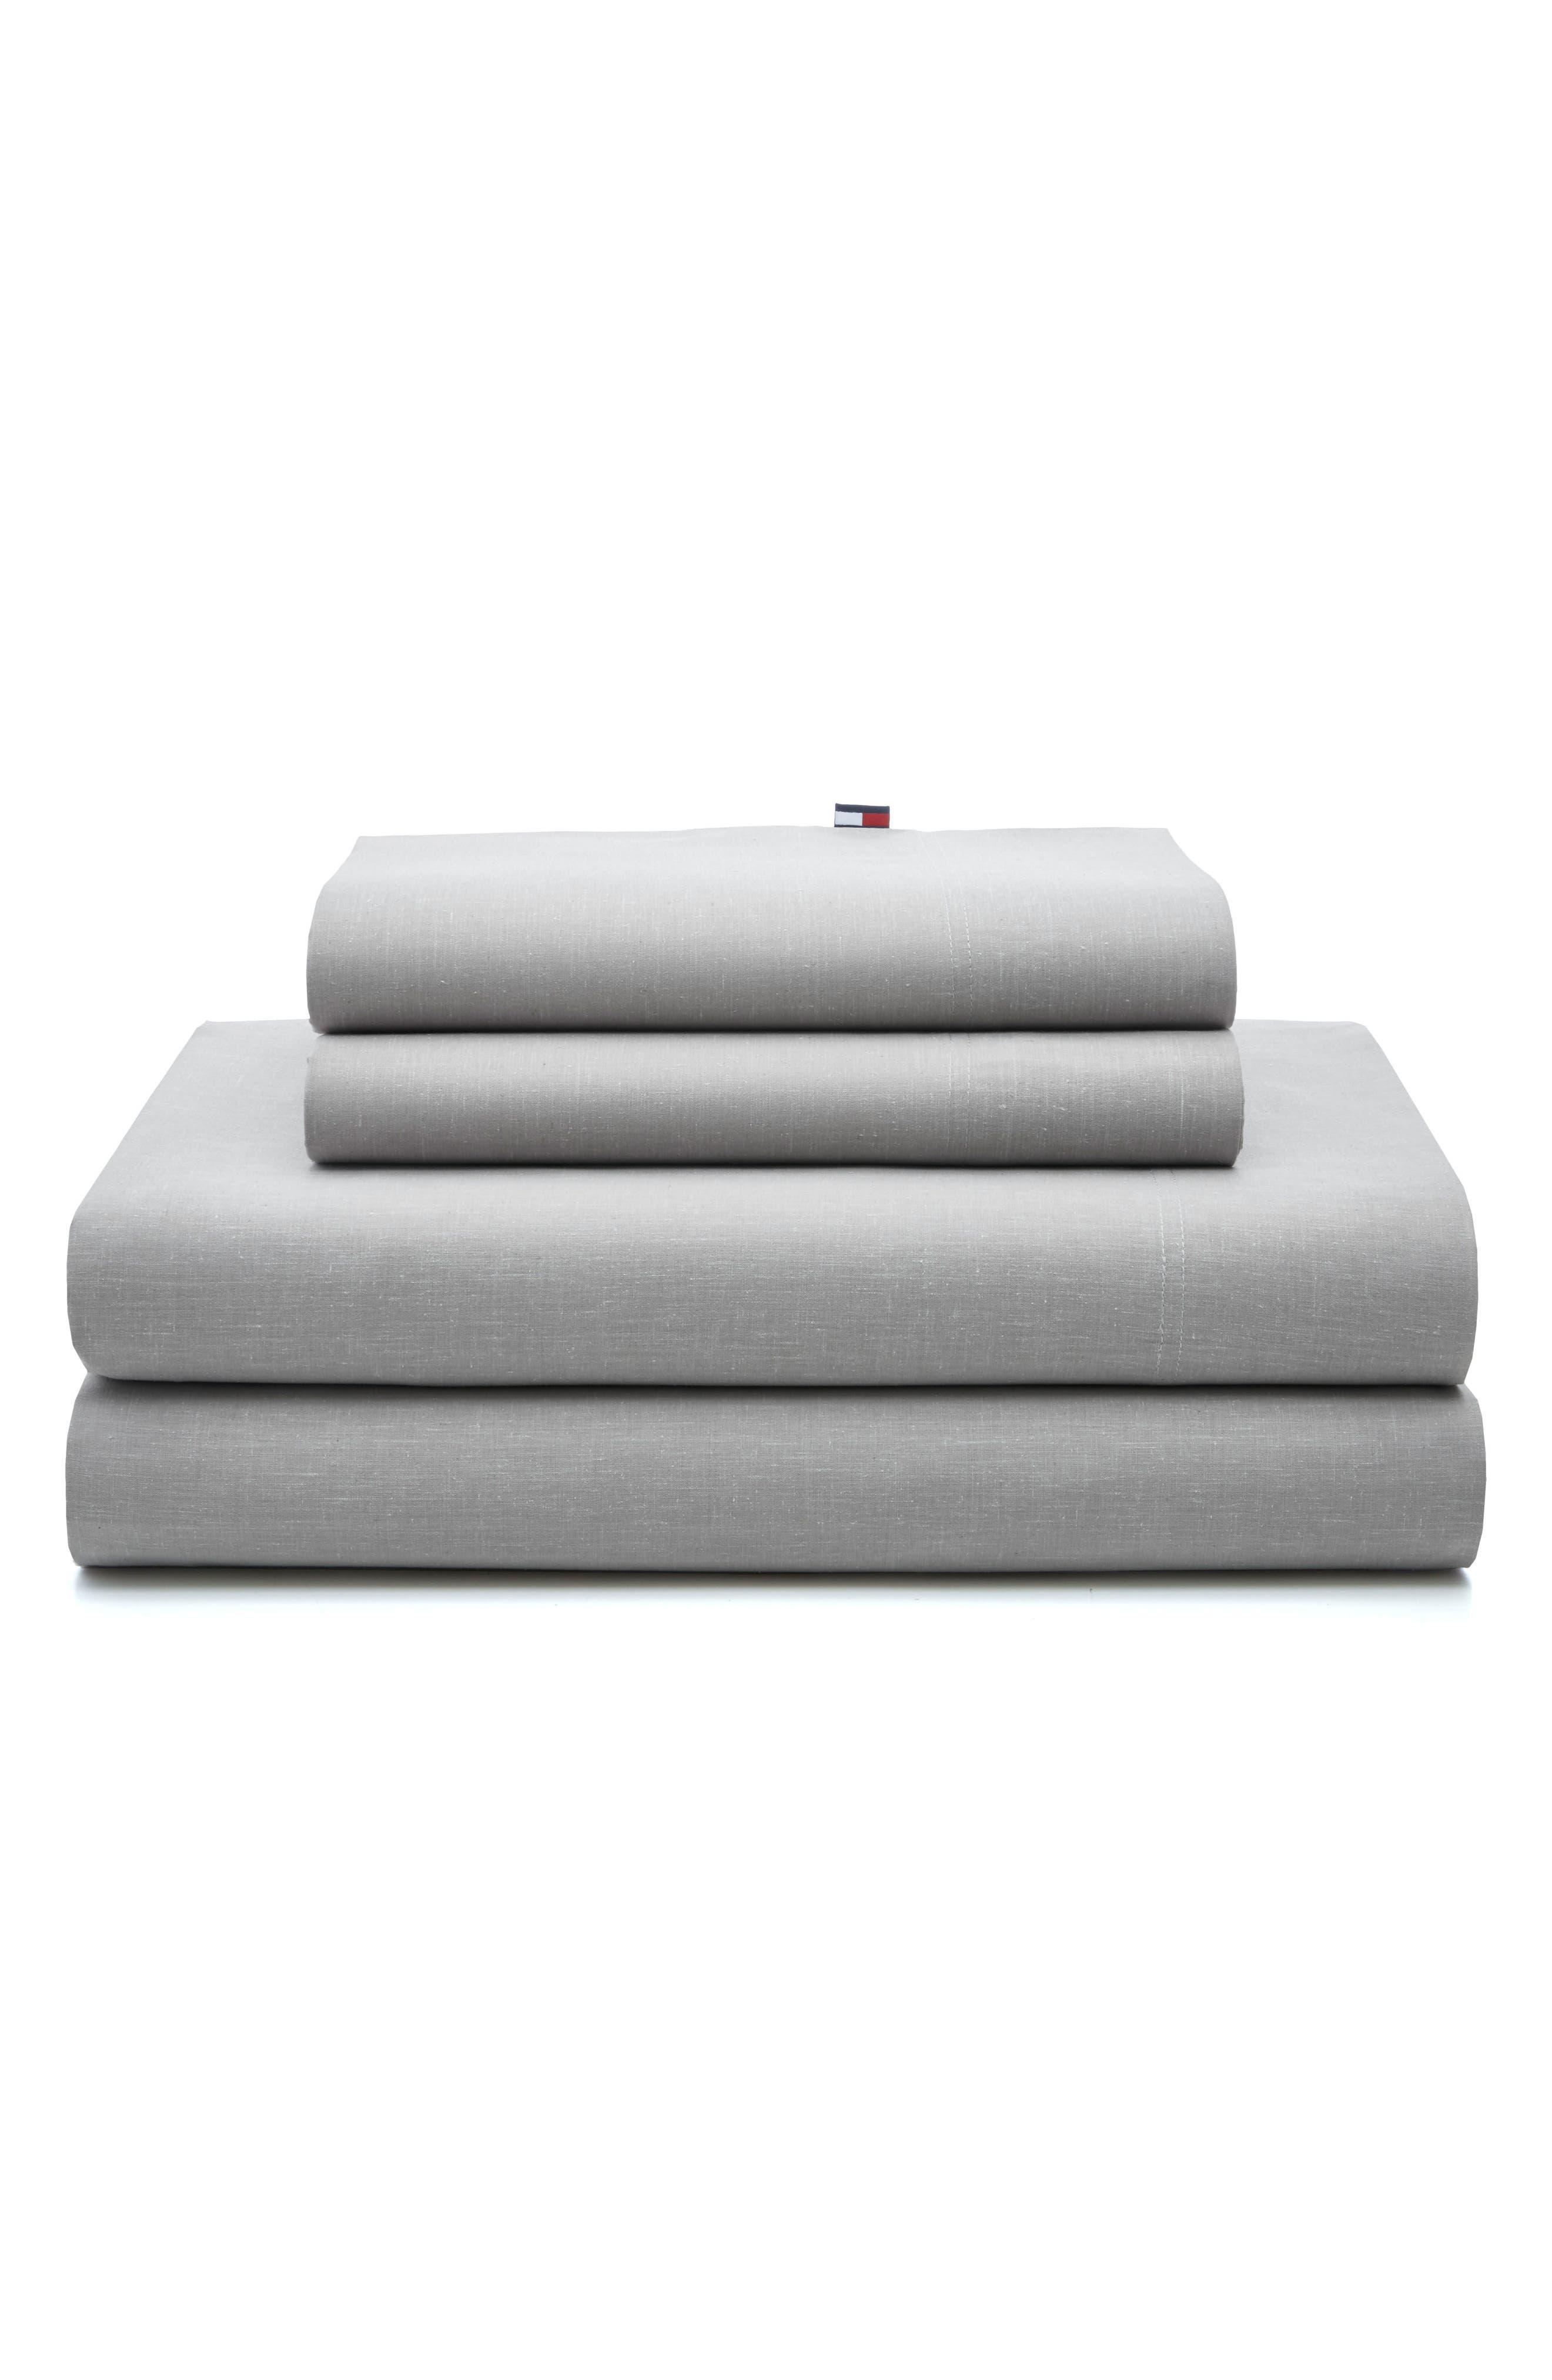 Chambray Sheet Set,                         Main,                         color, Light Grey